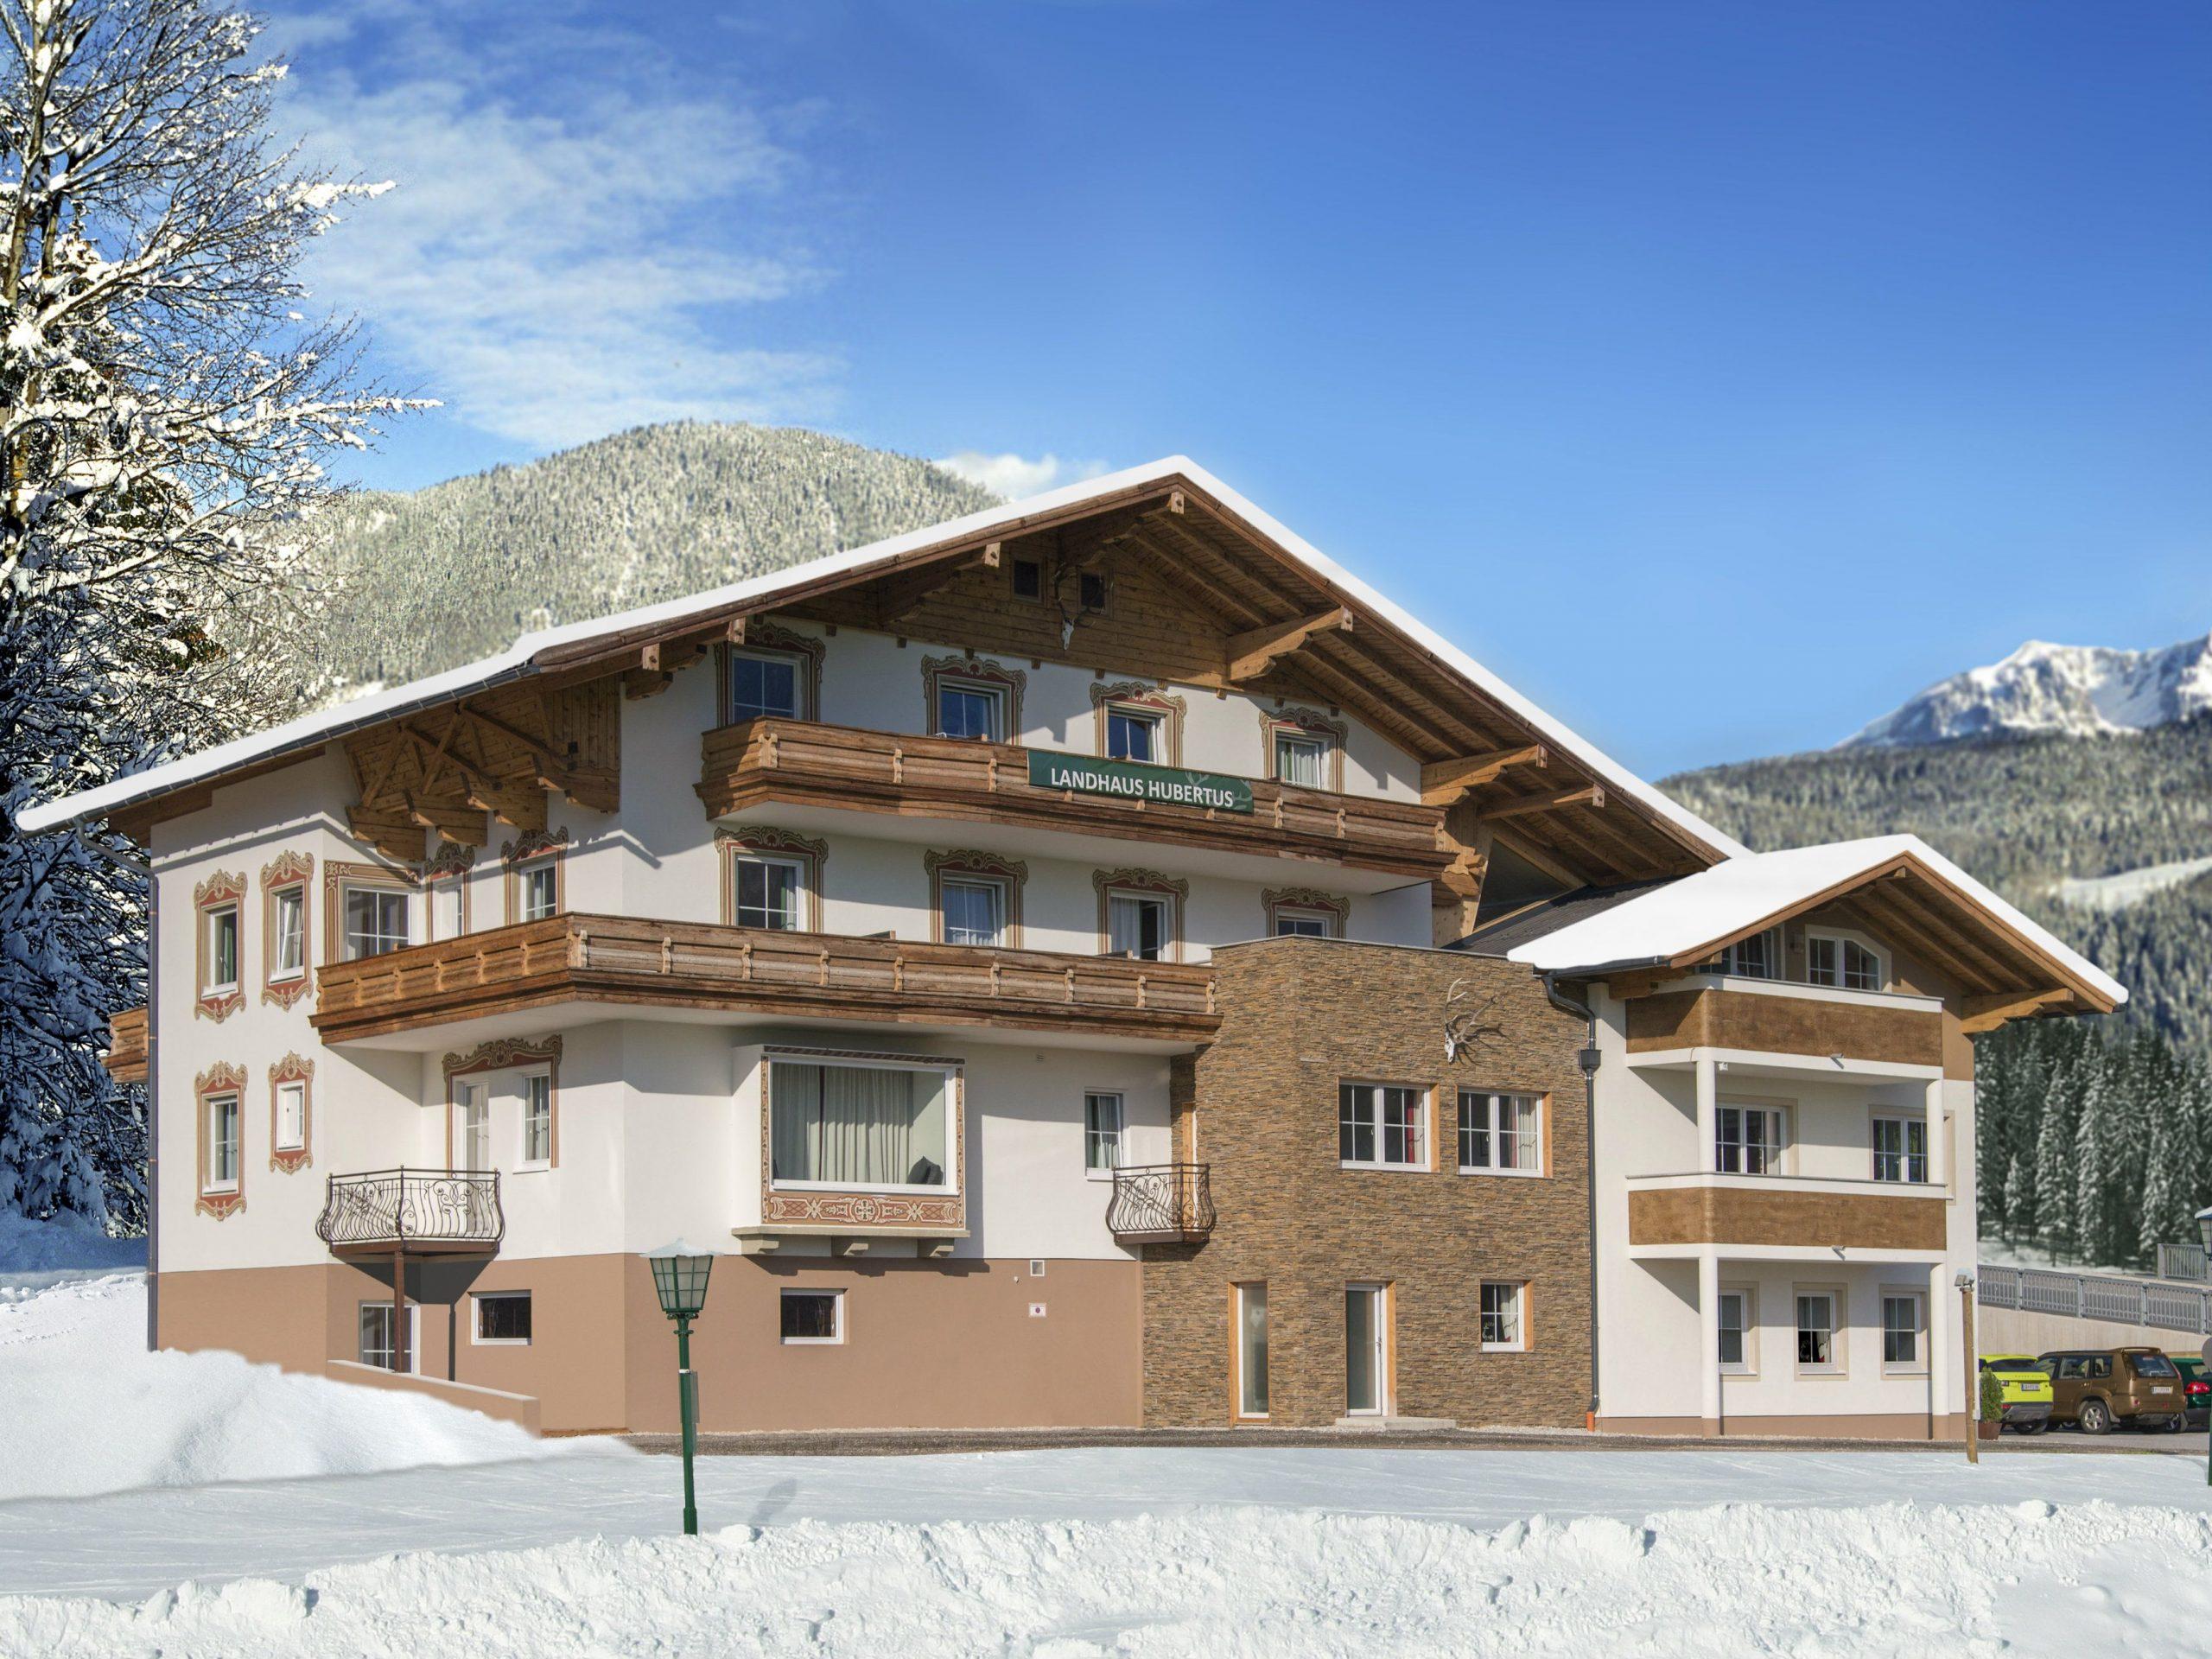 Appartement Landhaus Hubertus - 6-8 personen